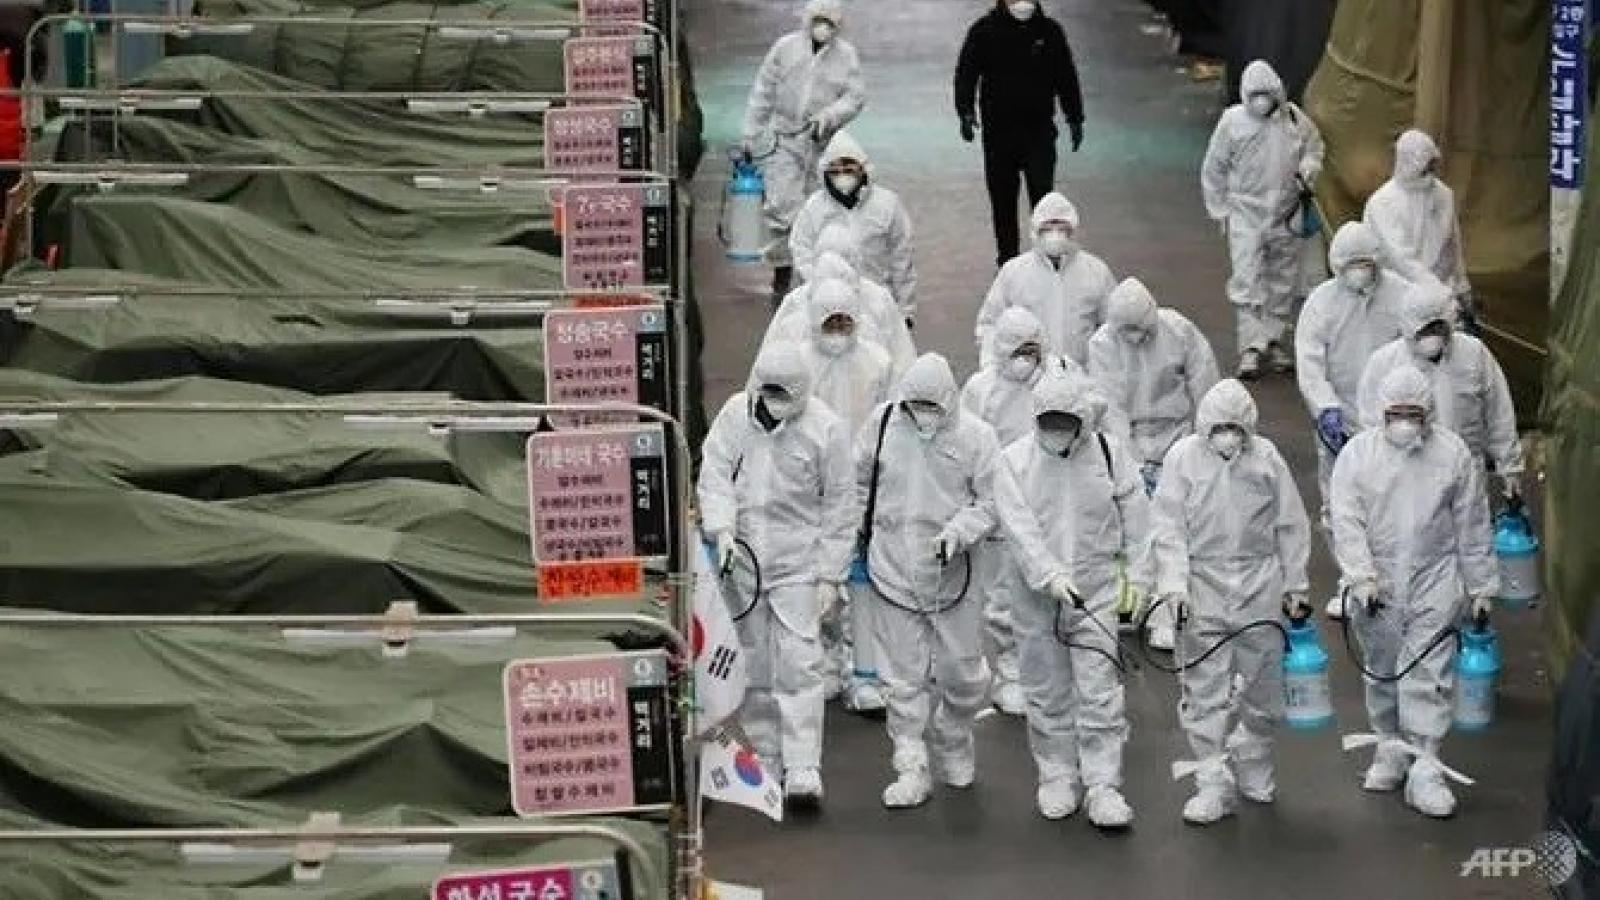 Nguy cơ bùng phát mạnh làn sóng lây nhiễm Covid-19 tại Hàn Quốc